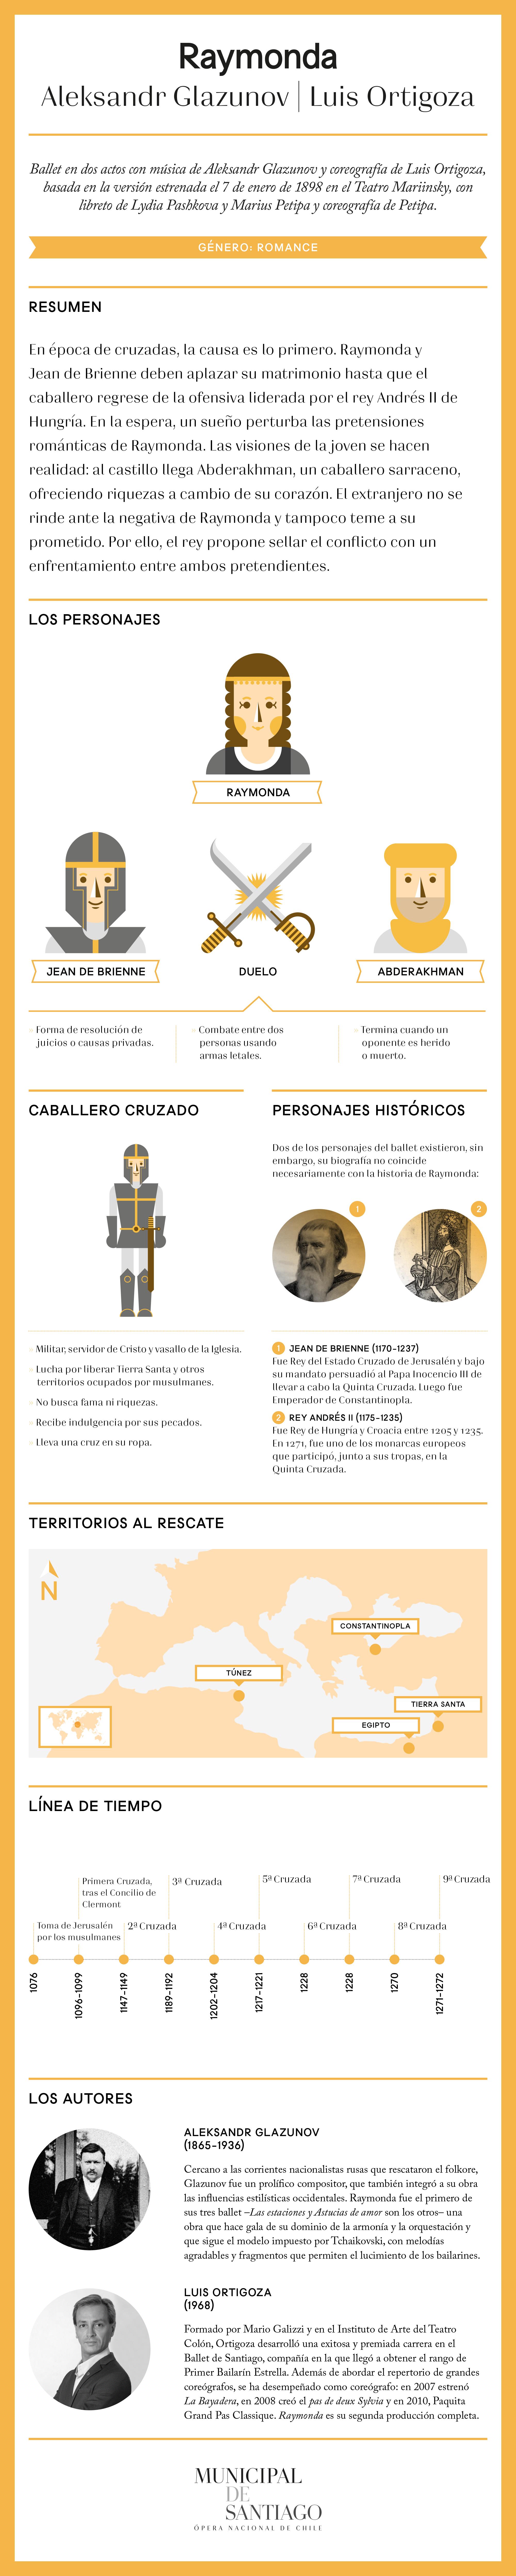 infografia raymonda masmunicipal